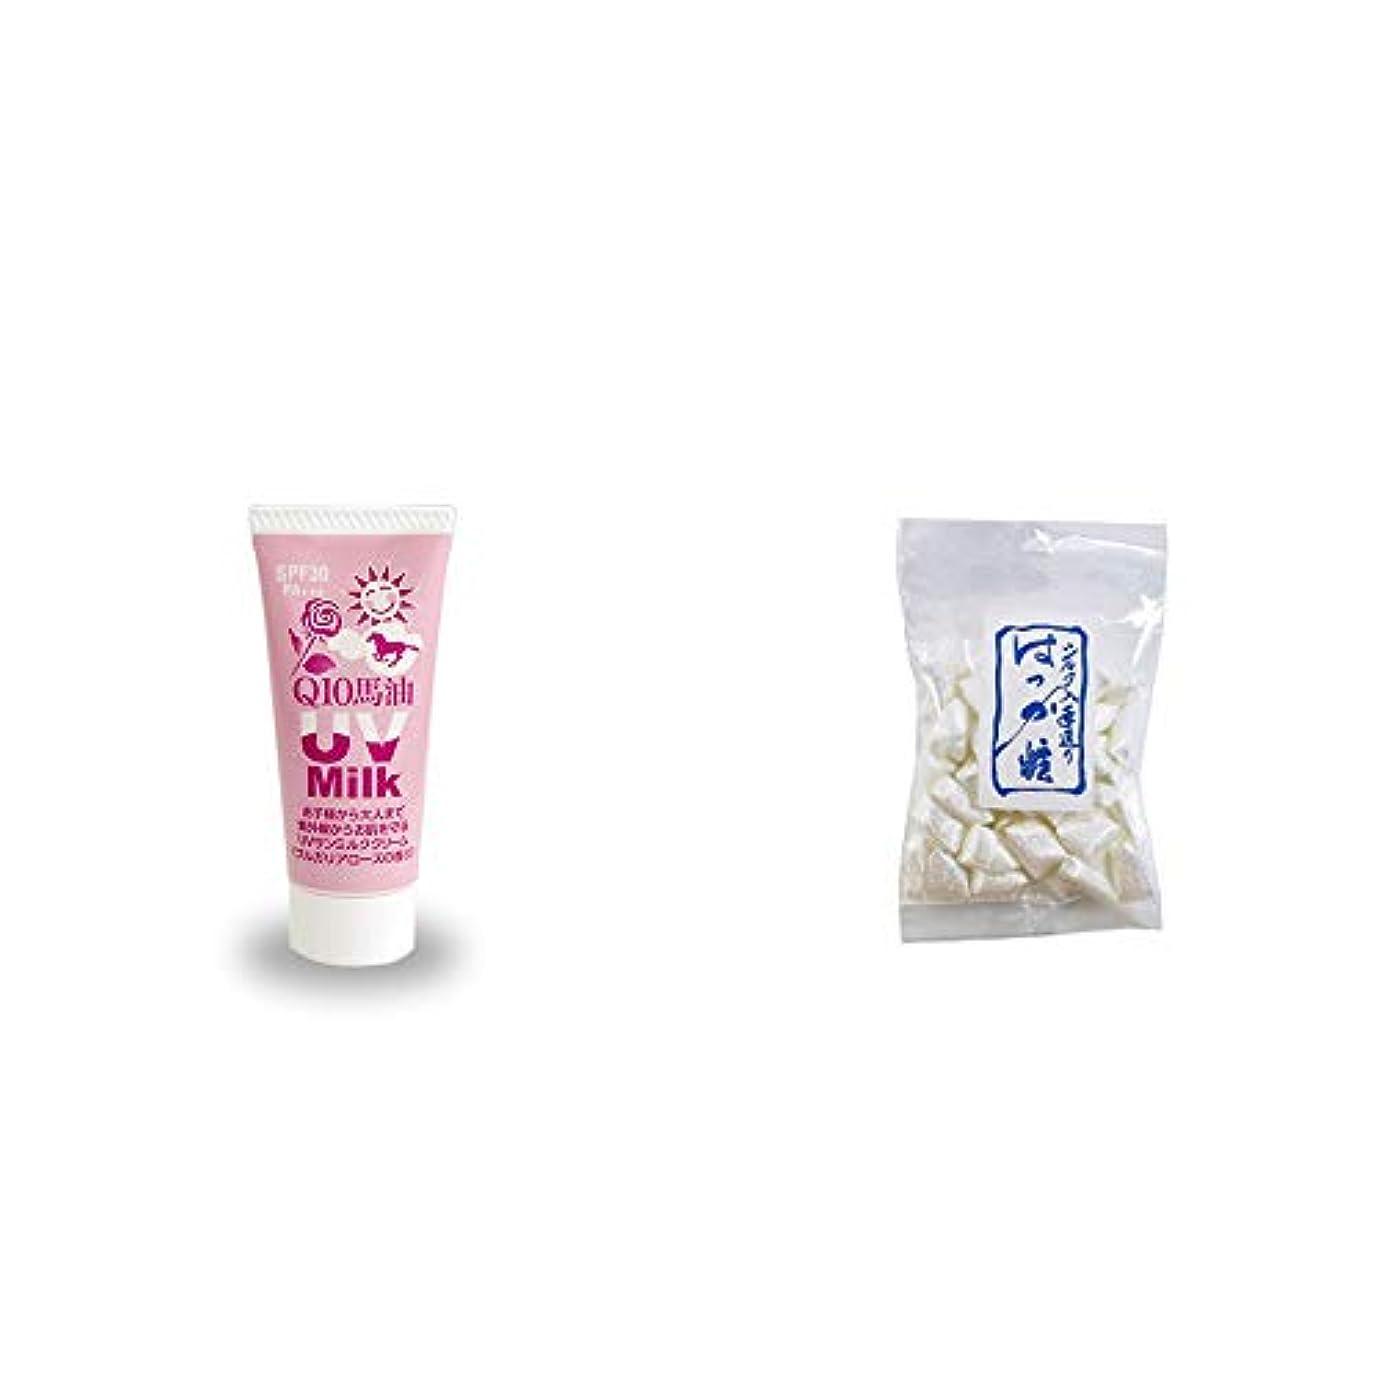 ラジウムエスニック忠実に[2点セット] 炭黒泉 Q10馬油 UVサンミルク[ブルガリアローズ](40g)?シルクはっか糖(150g)